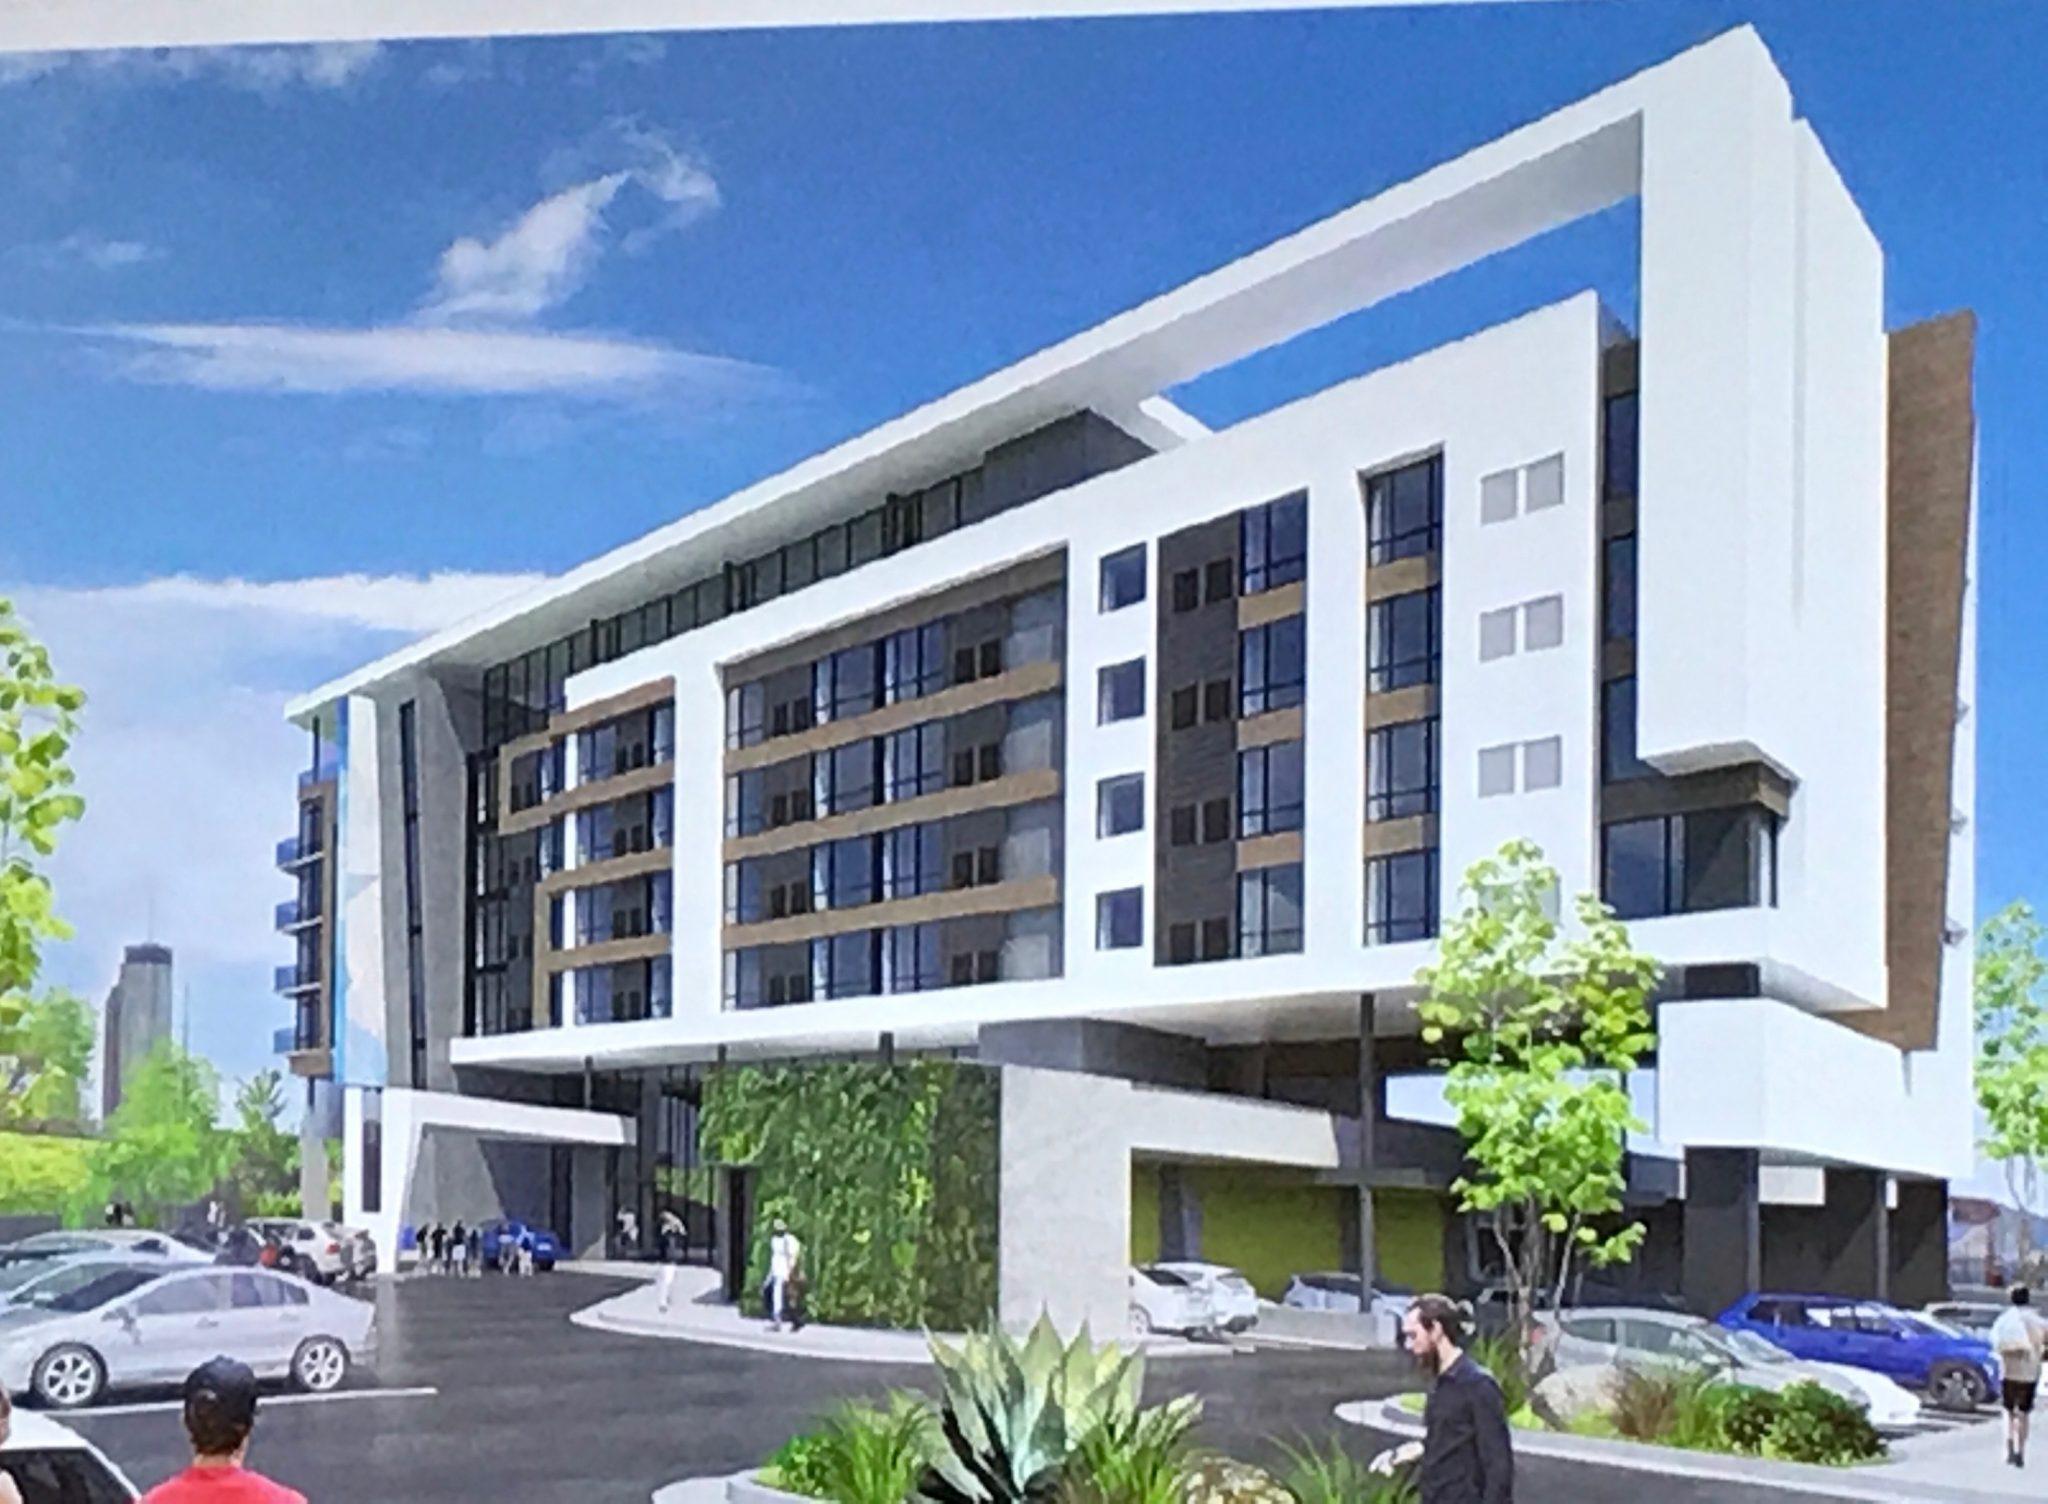 Hotel Cameron - Atlanta - Rendering 1